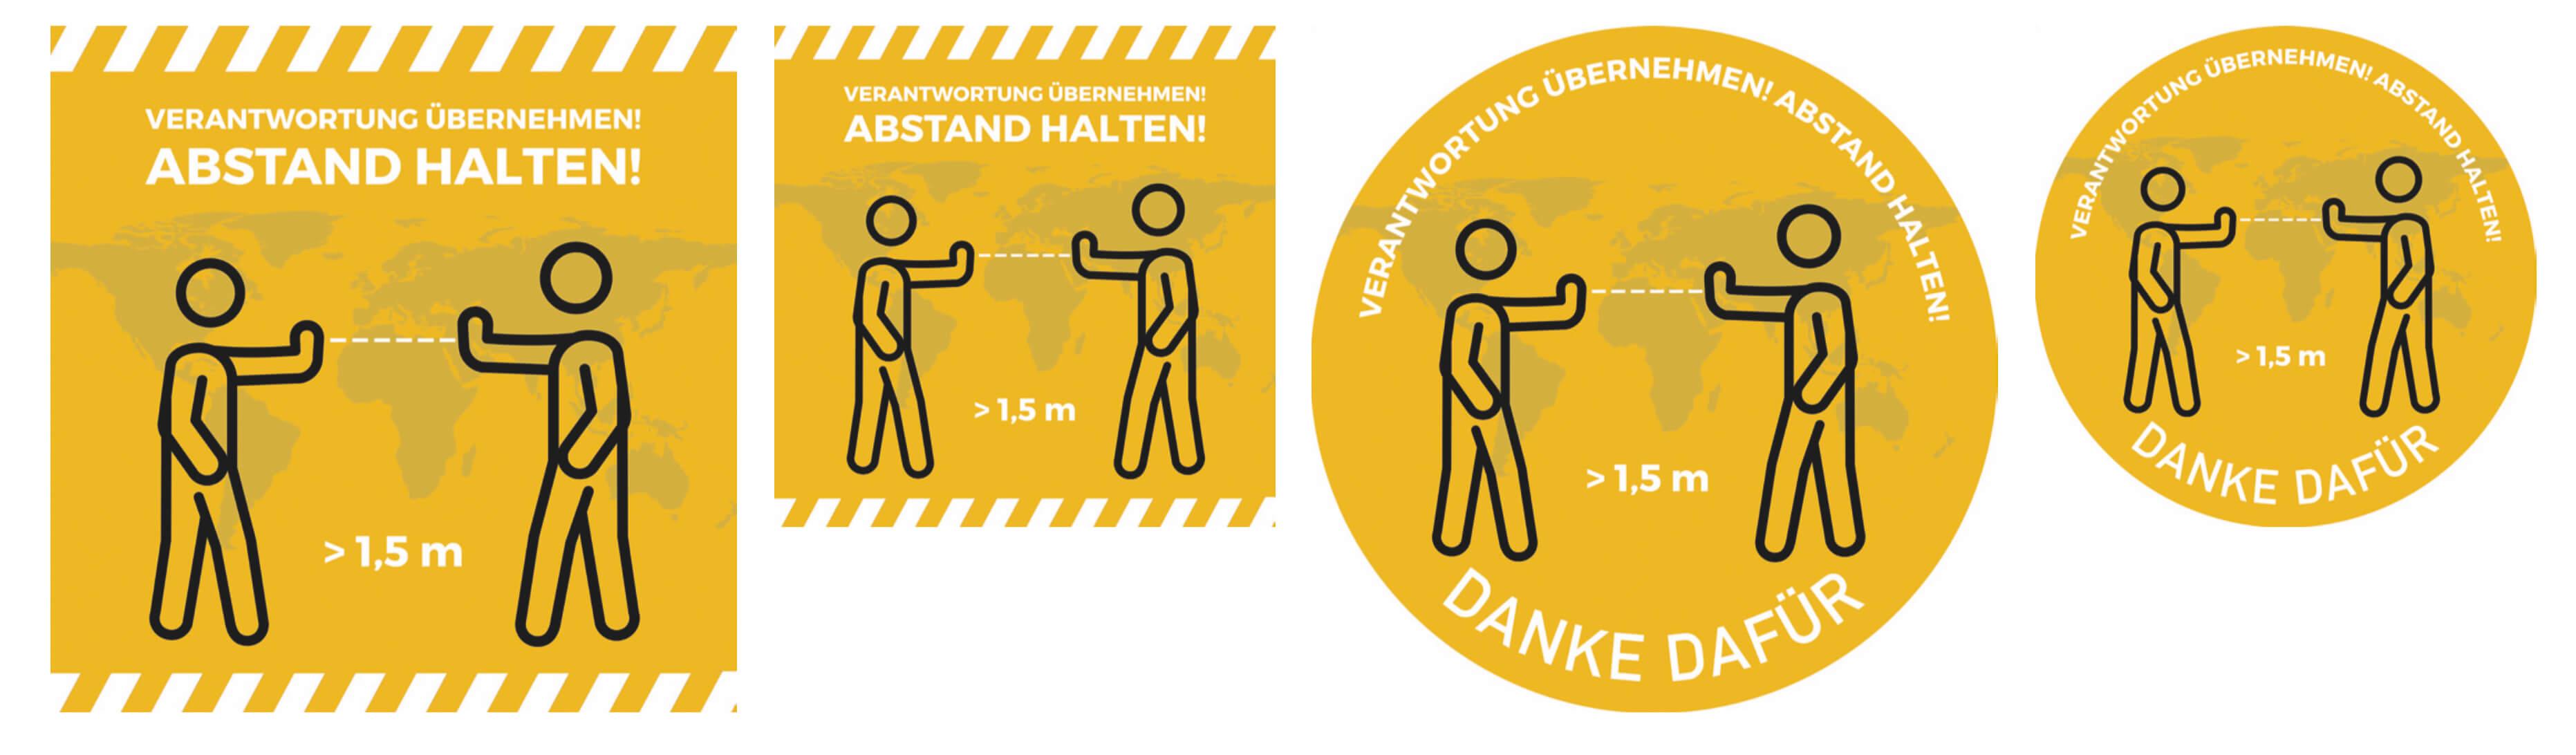 Abstand halten Bodenmatten Hinweis gelb